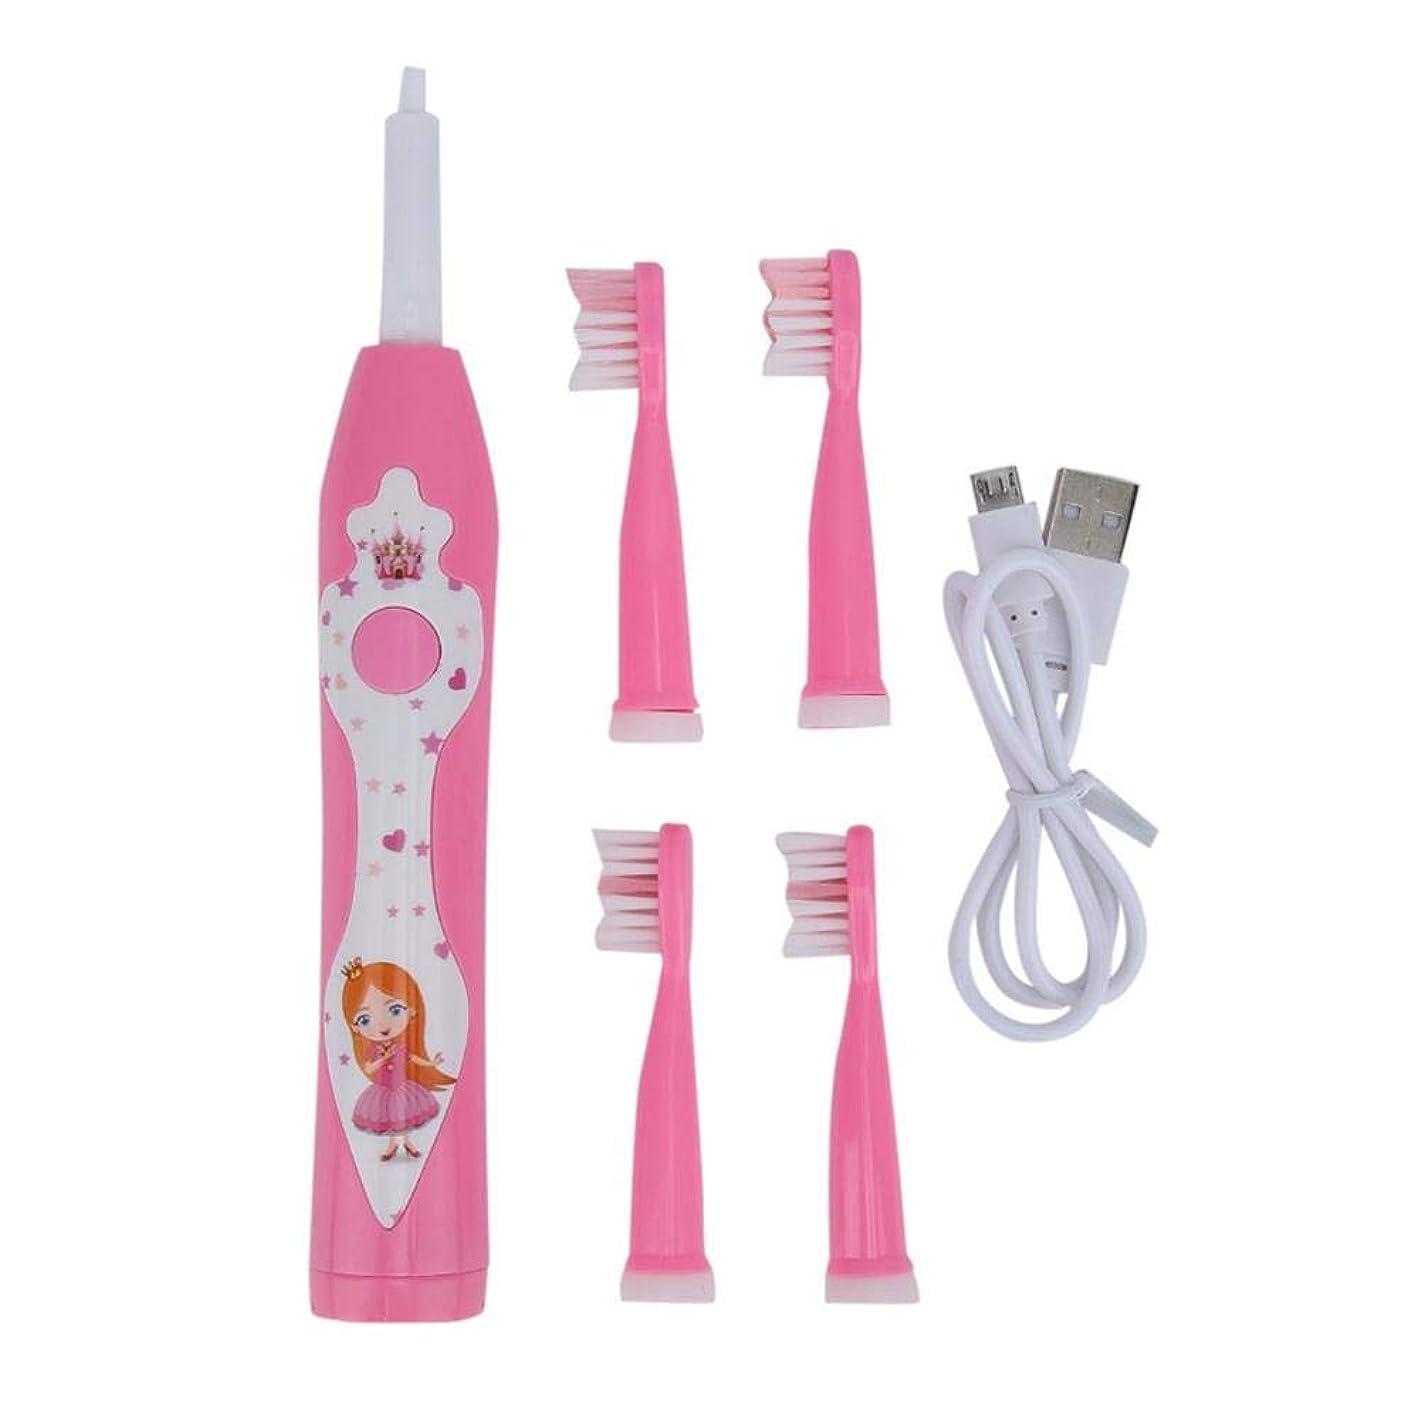 ラウズ難破船税金防水子供を充電する電動歯ブラシUSB(ピンク)